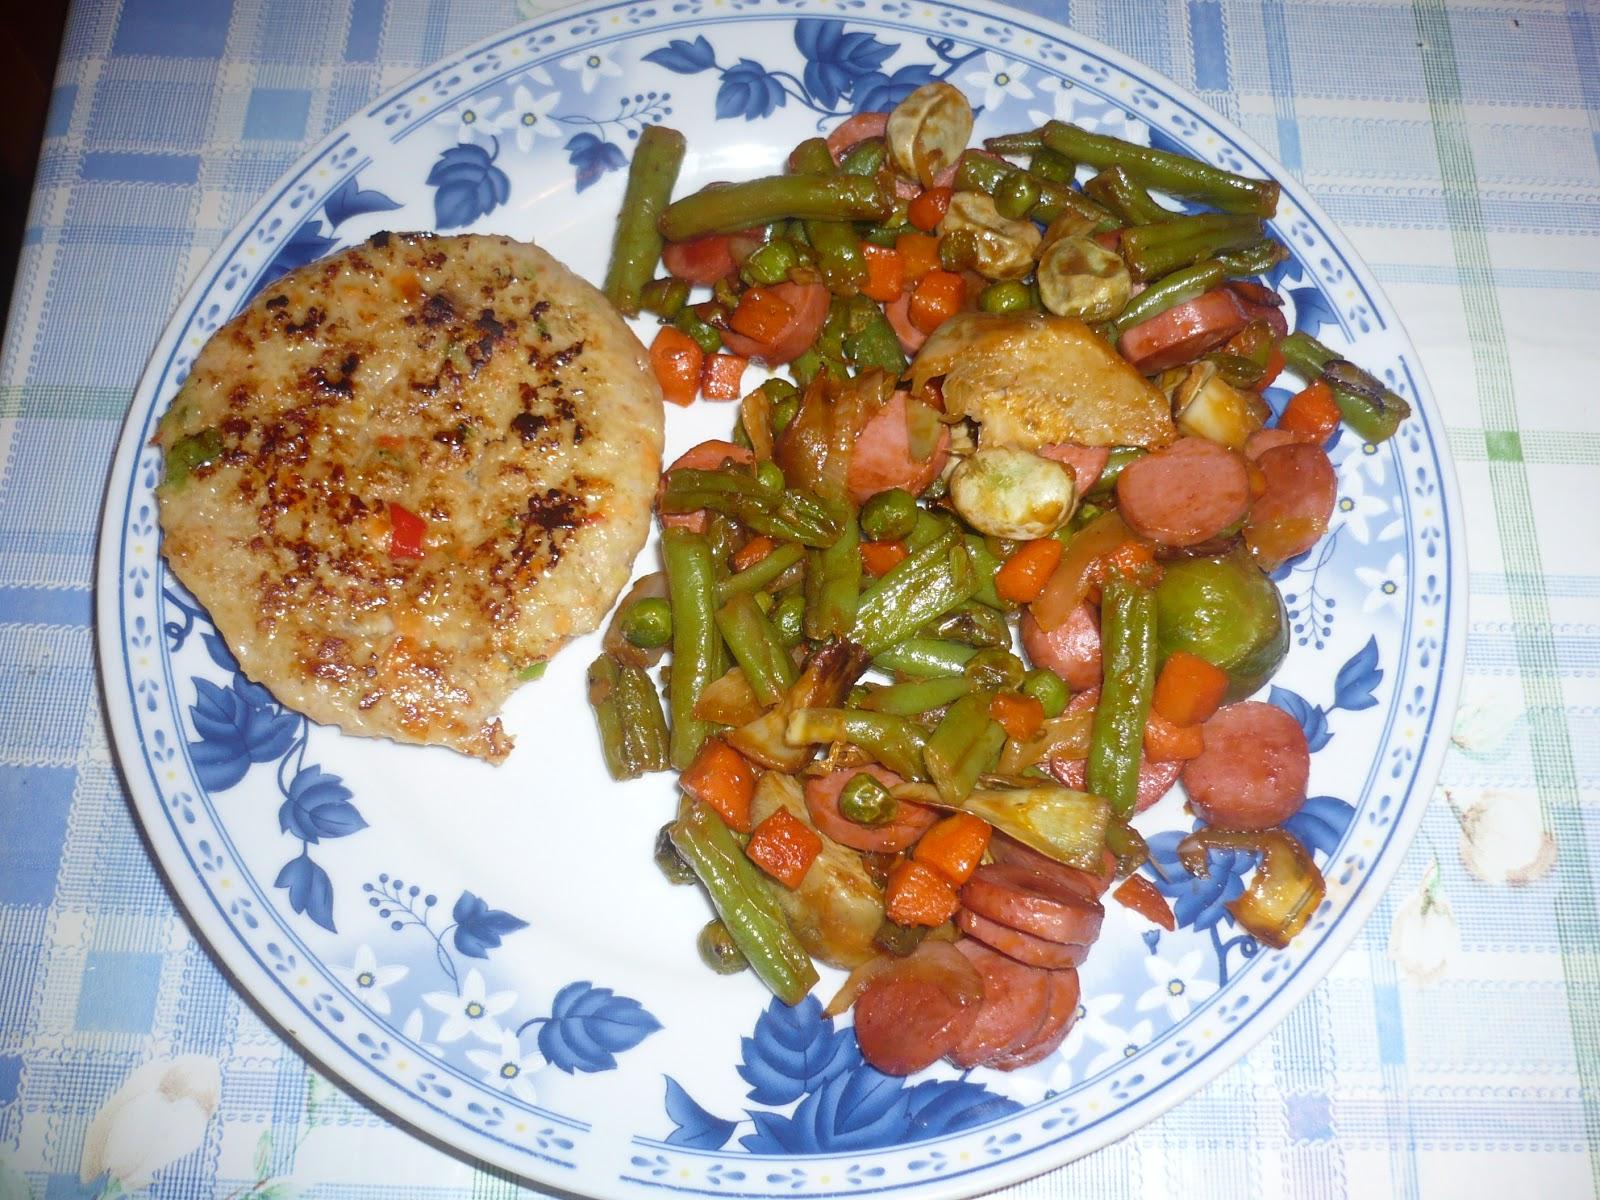 En la cocina con ana hamburguesa y menestra de verduras - Como preparar menestra de verduras ...